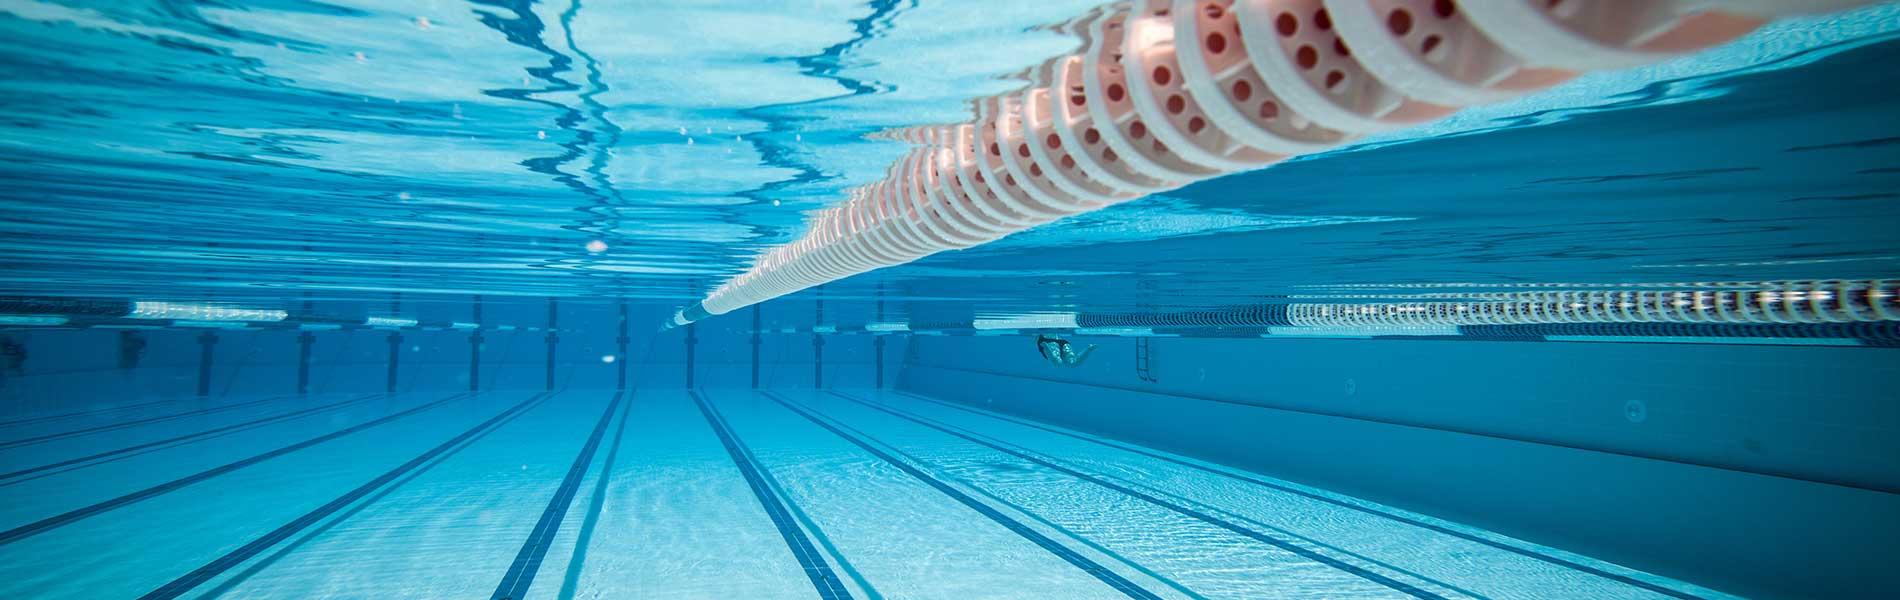 Piscina nuoto libero scopri gli orari daily training sporting club roma nord - Piscina valdobbiadene orari nuoto libero ...